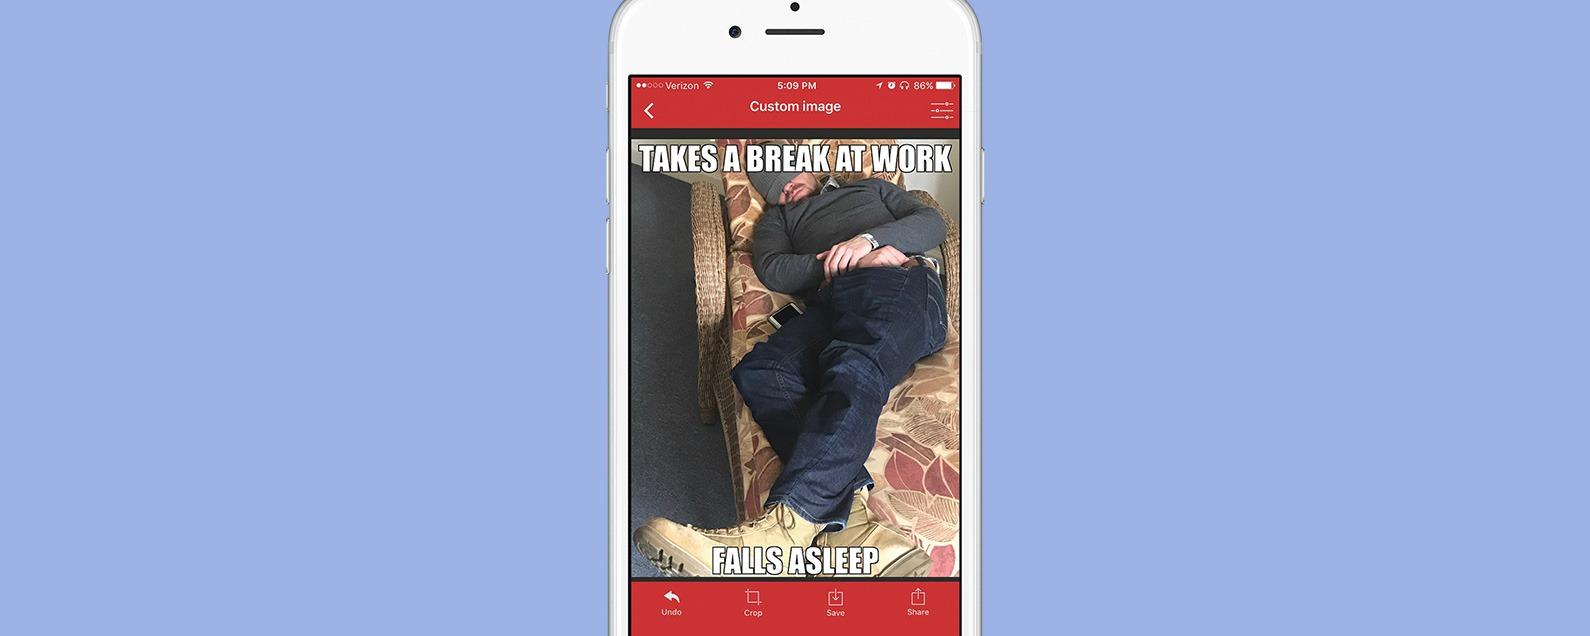 meme?itok=8SWQ Sn7 how to make funny memes best meme maker apps for iphone